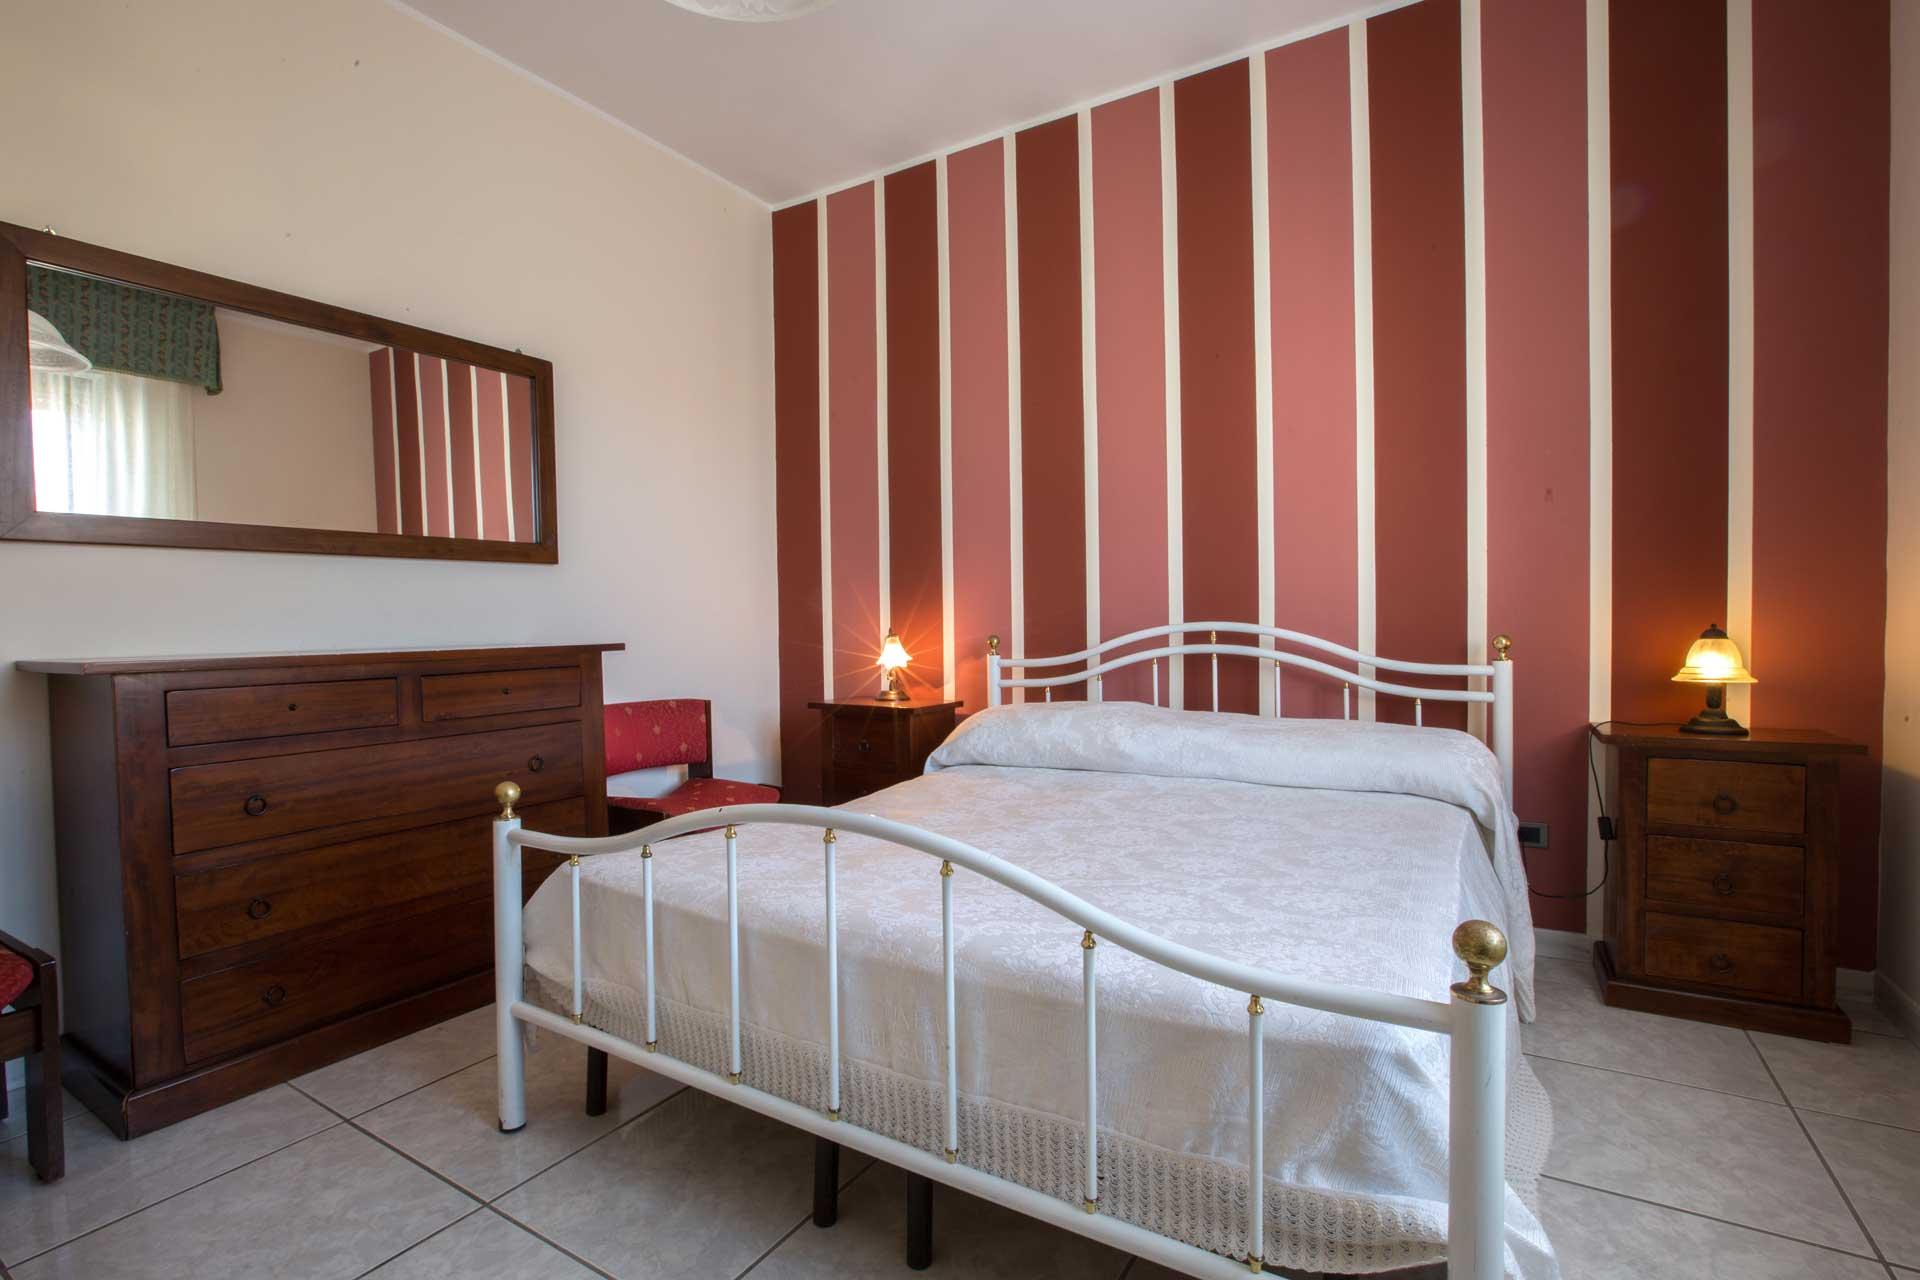 Camera Da Letto Rossella : Galleria appartamento rossella gallipoli